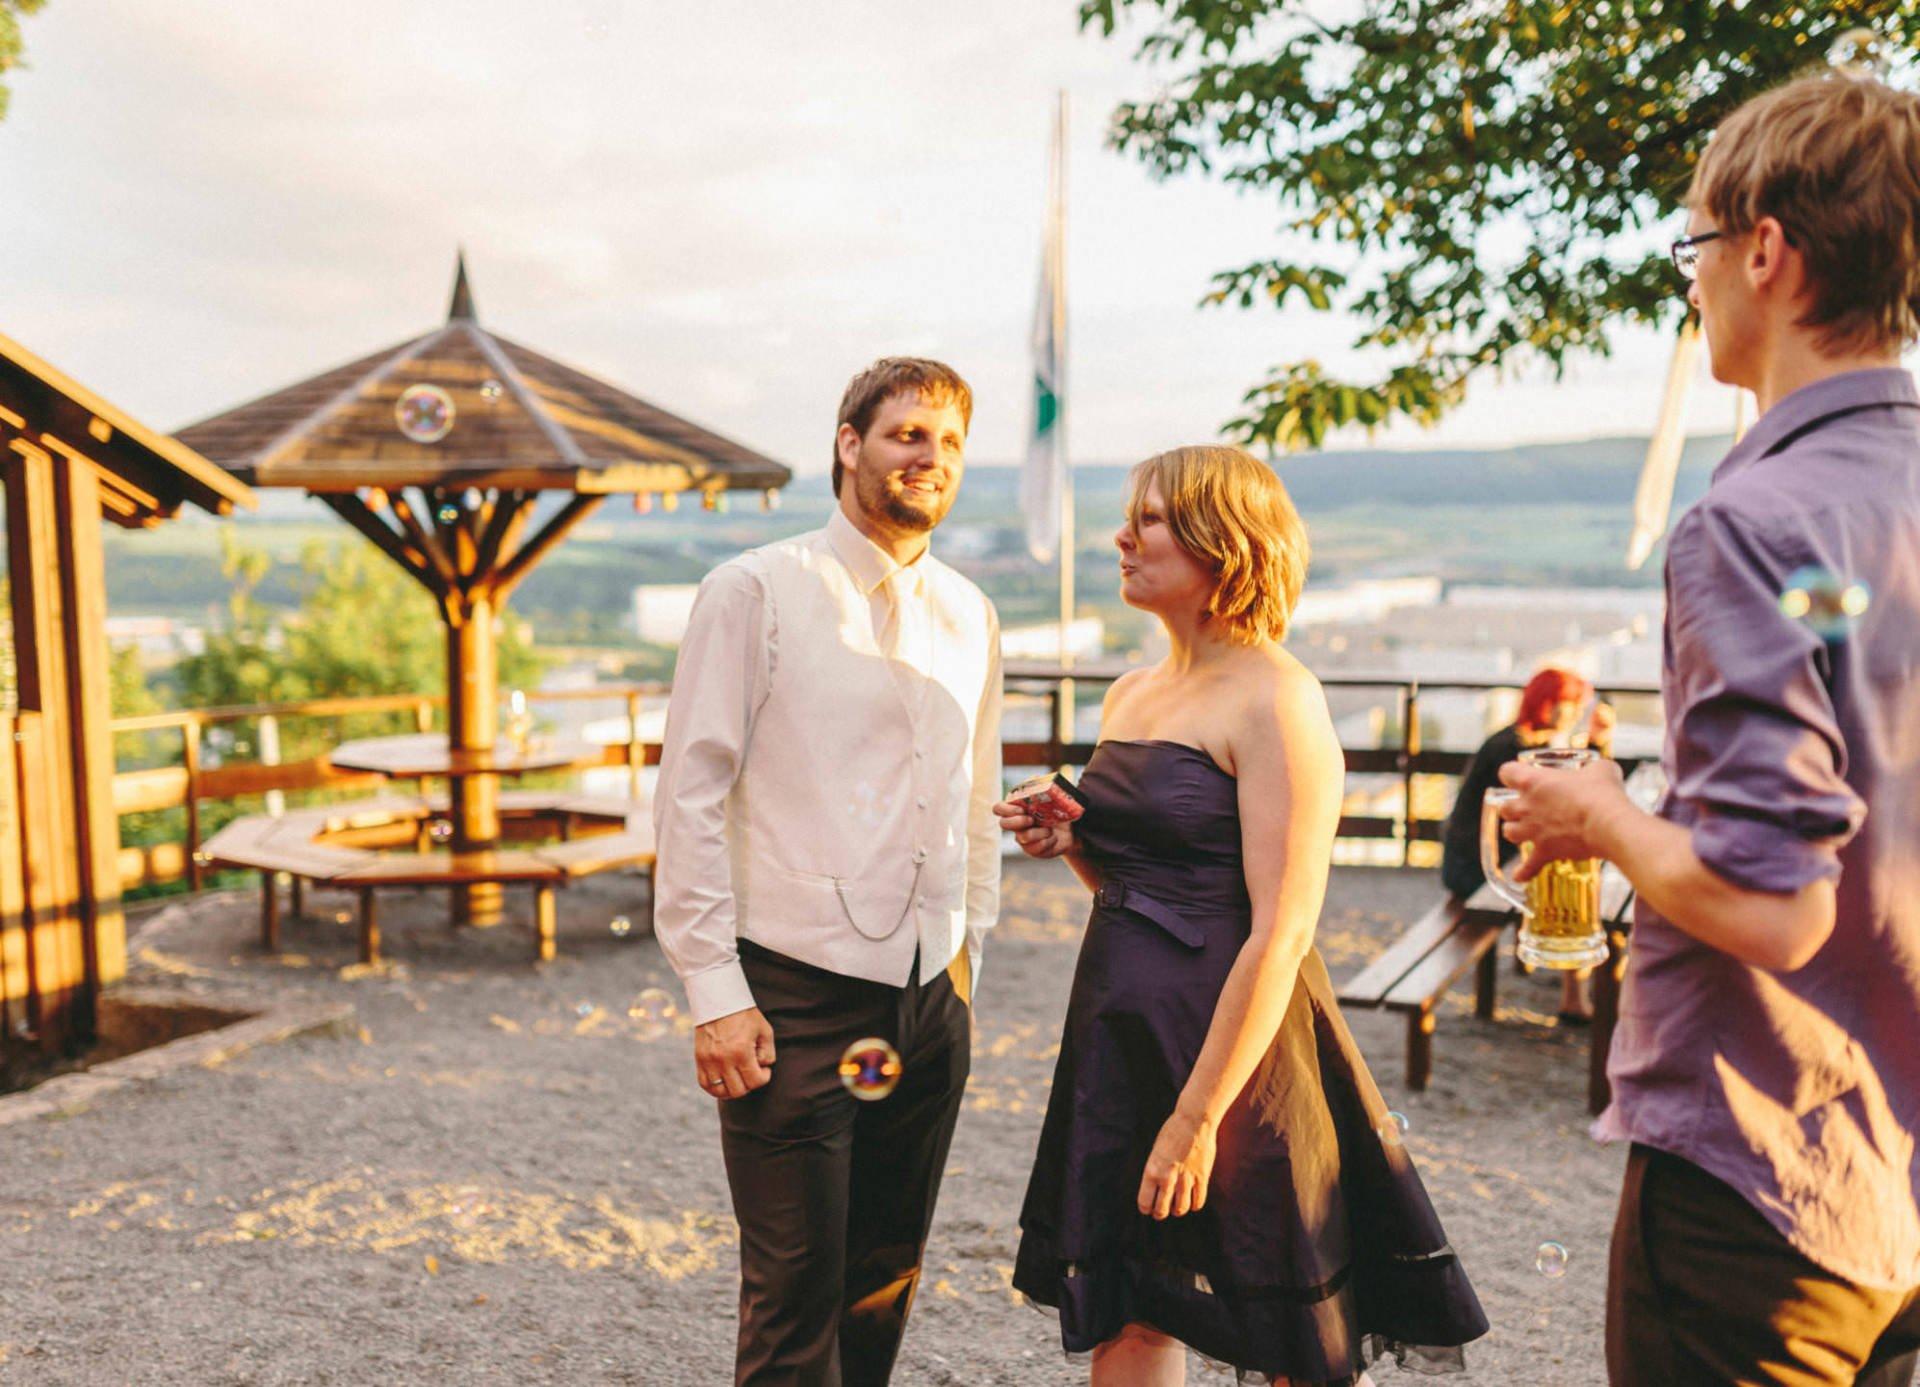 Bayrische Hochzeit 47 - Bayrische Jagdhüttenhochzeit in Thüringen